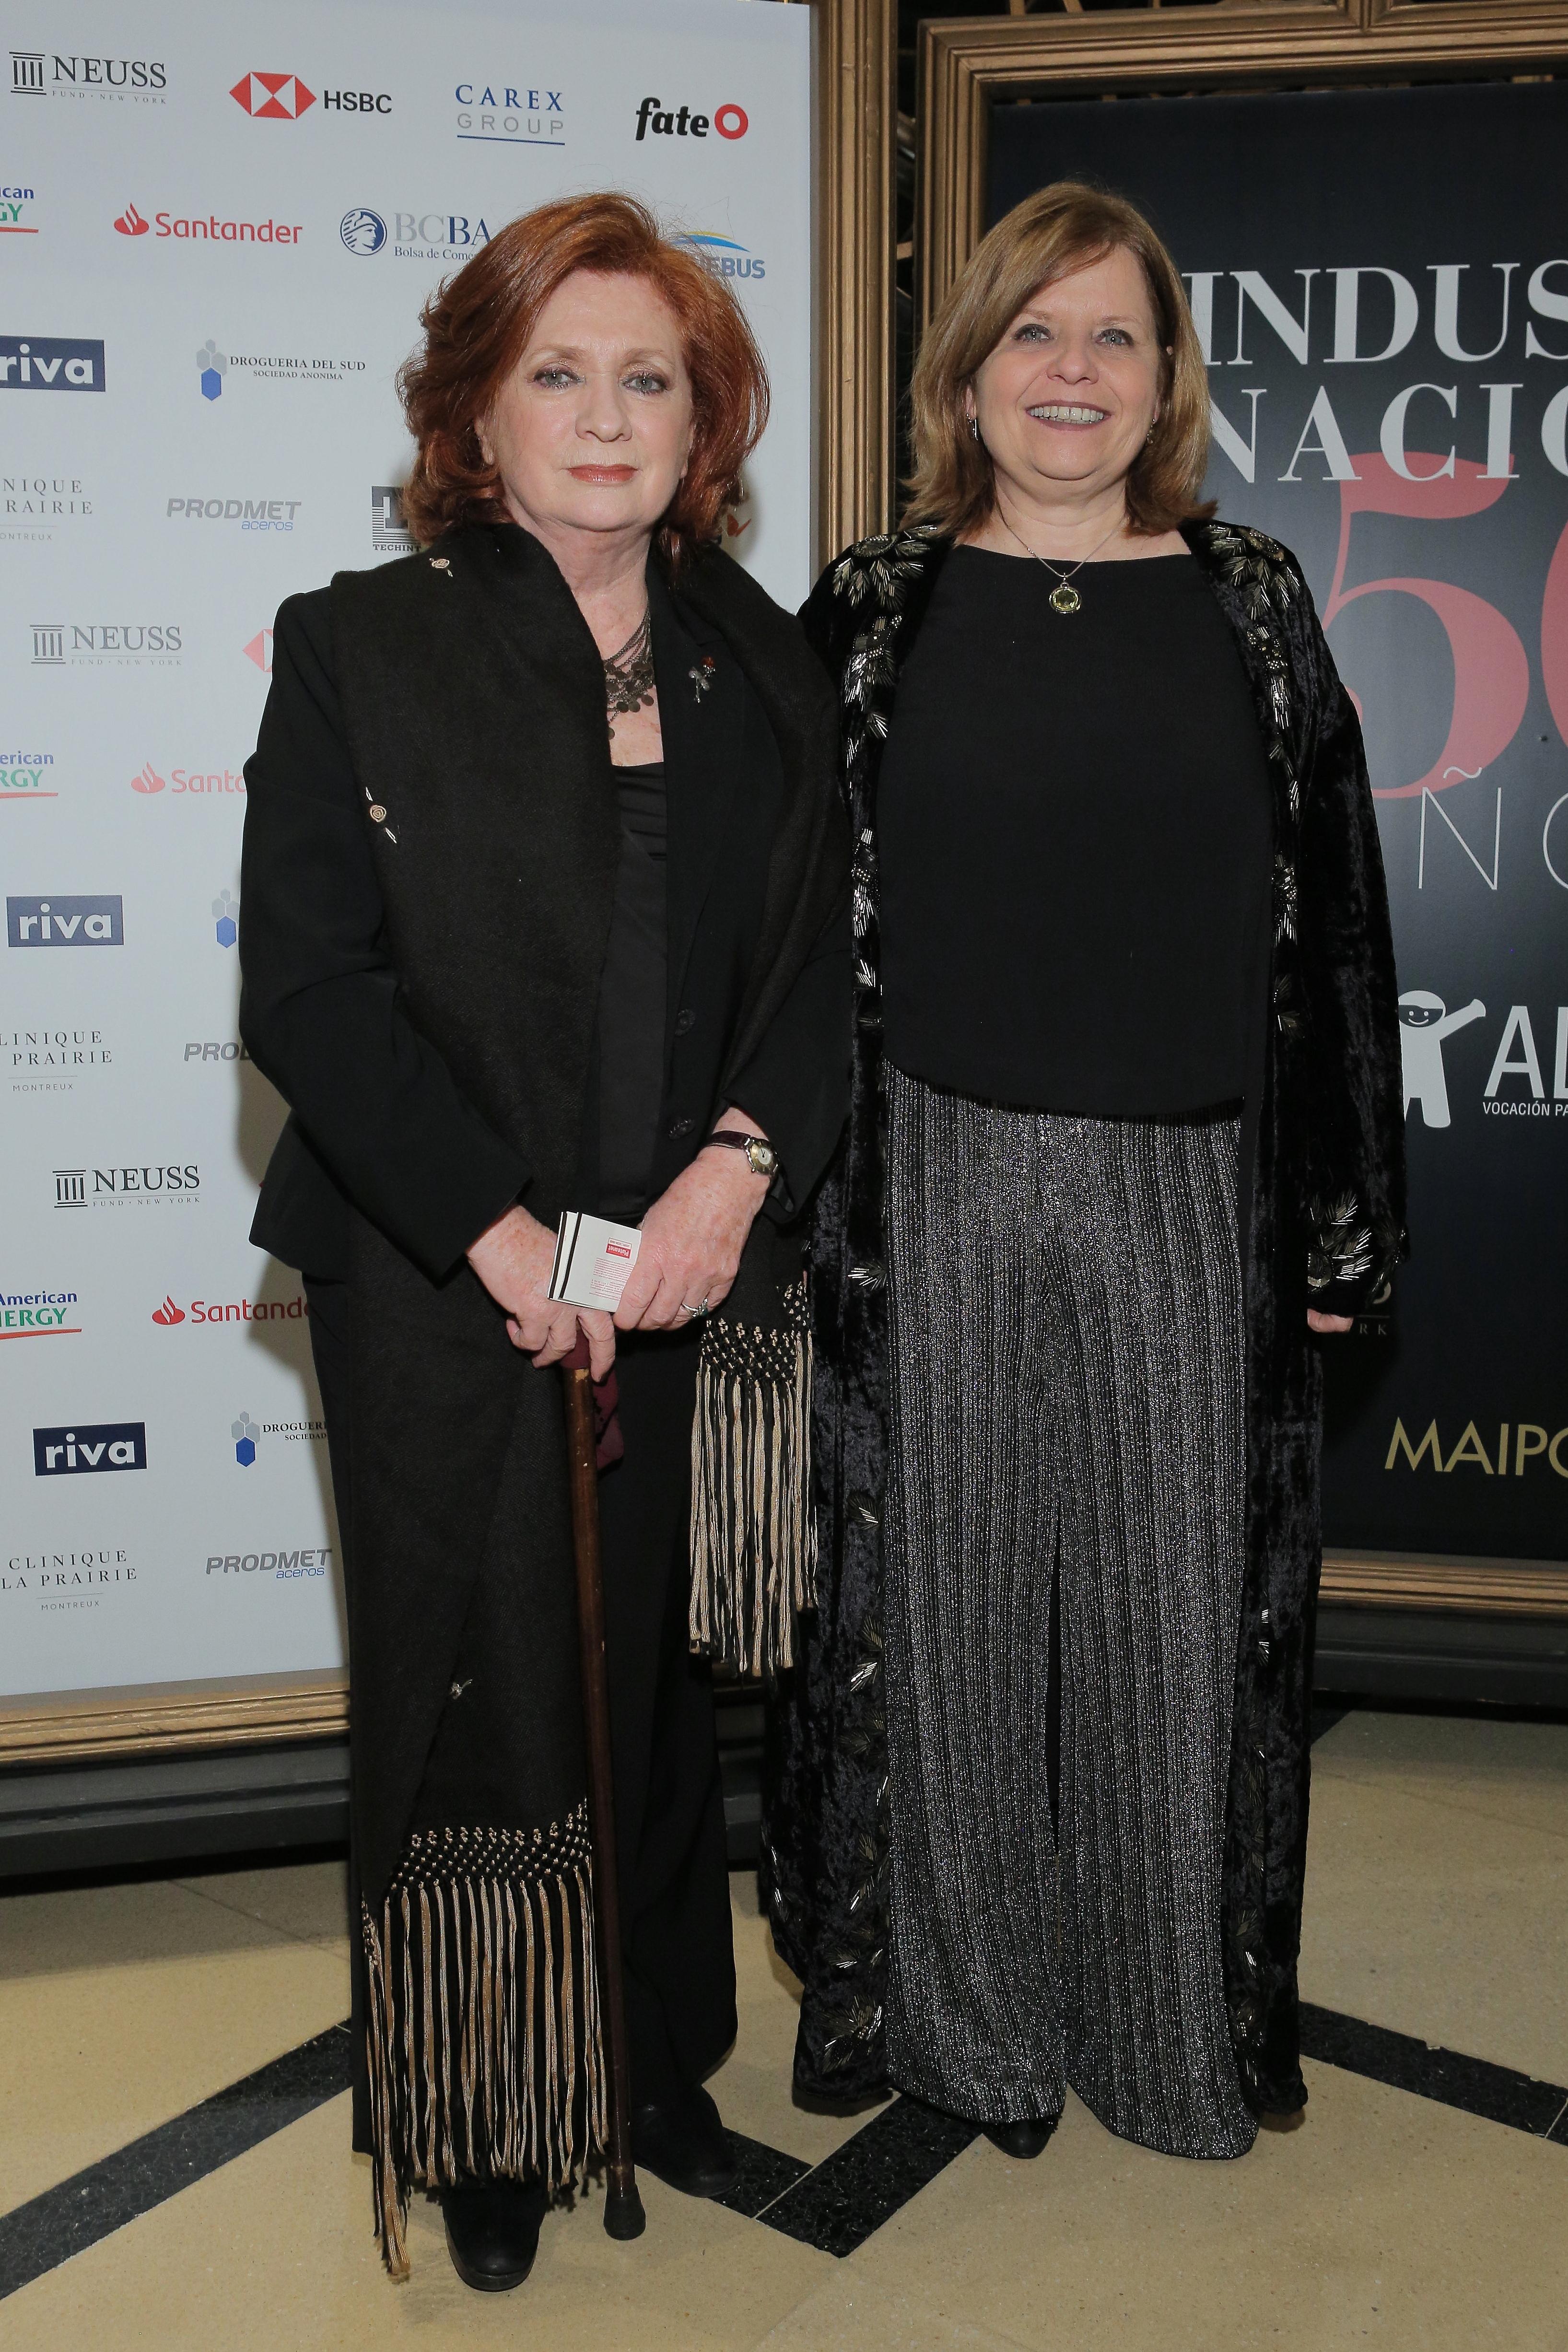 La presidente de ALPI, Teresa González Fernández, junto a la ministra de Salud Porteña, Ana María Bou Pérez, en la función de